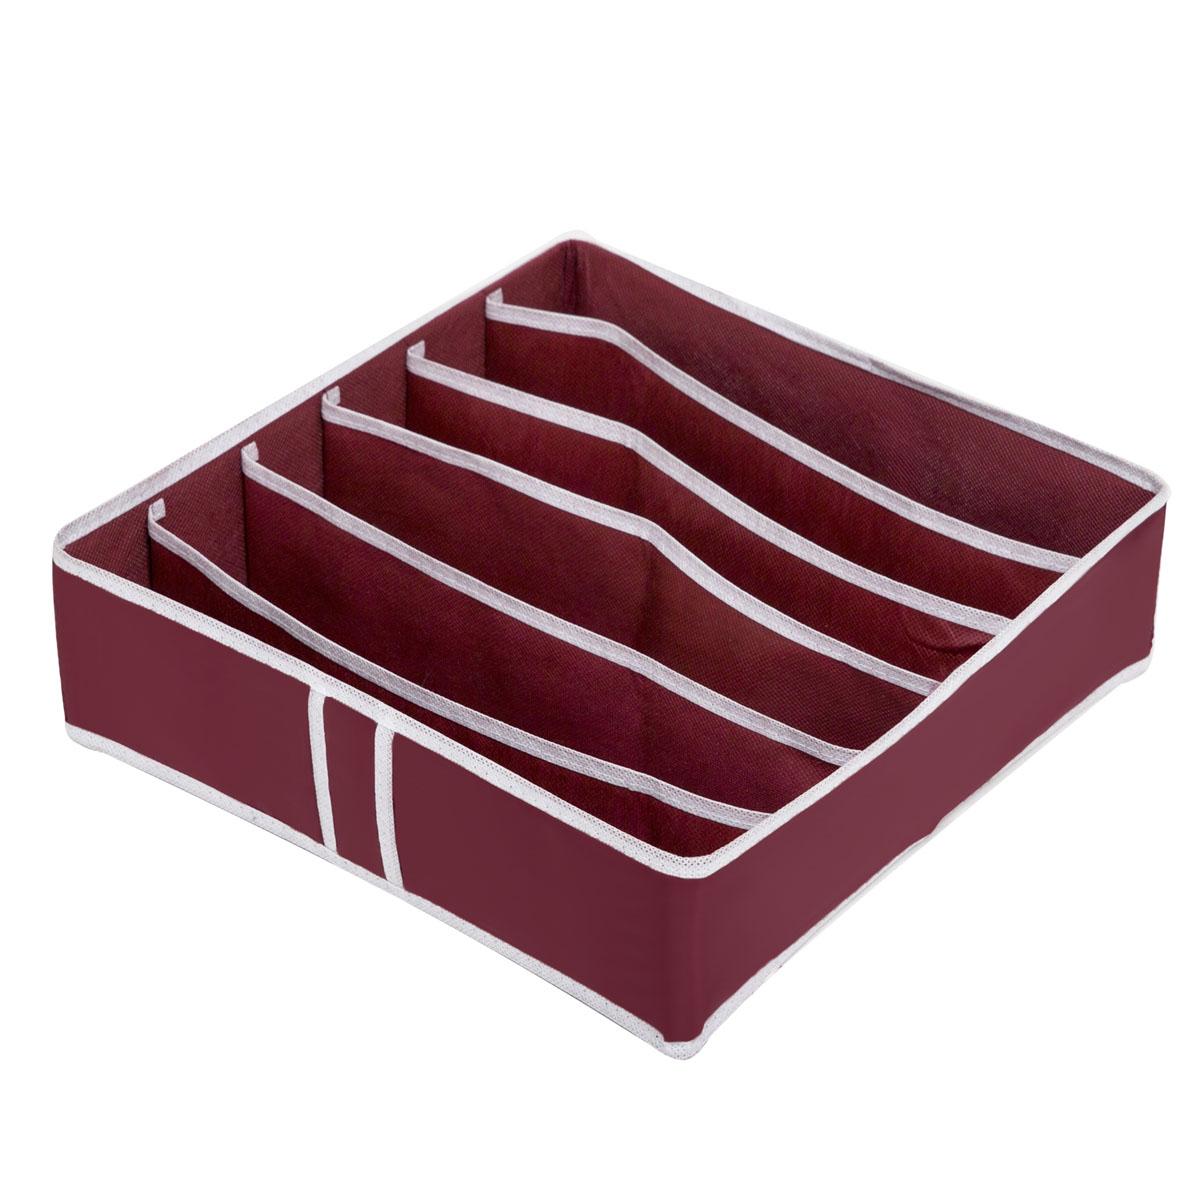 Органайзер для хранения Homsu Red Rose, 6 секций, 35 x 35 x 10 смHOM-13Компактный складной органайзер Homsu Red Rose изготовлен из высококачественного полиэстера, который обеспечивает естественную вентиляцию. Материал позволяет воздуху свободно проникать внутрь, но не пропускает пыль. Органайзер отлично держит форму, благодаря вставкам из плотного картона. Изделие имеет 6 секций для хранения нижнего белья, колготок, носков и другой одежды.Такой органайзер позволит вам хранить вещи компактно и удобно.